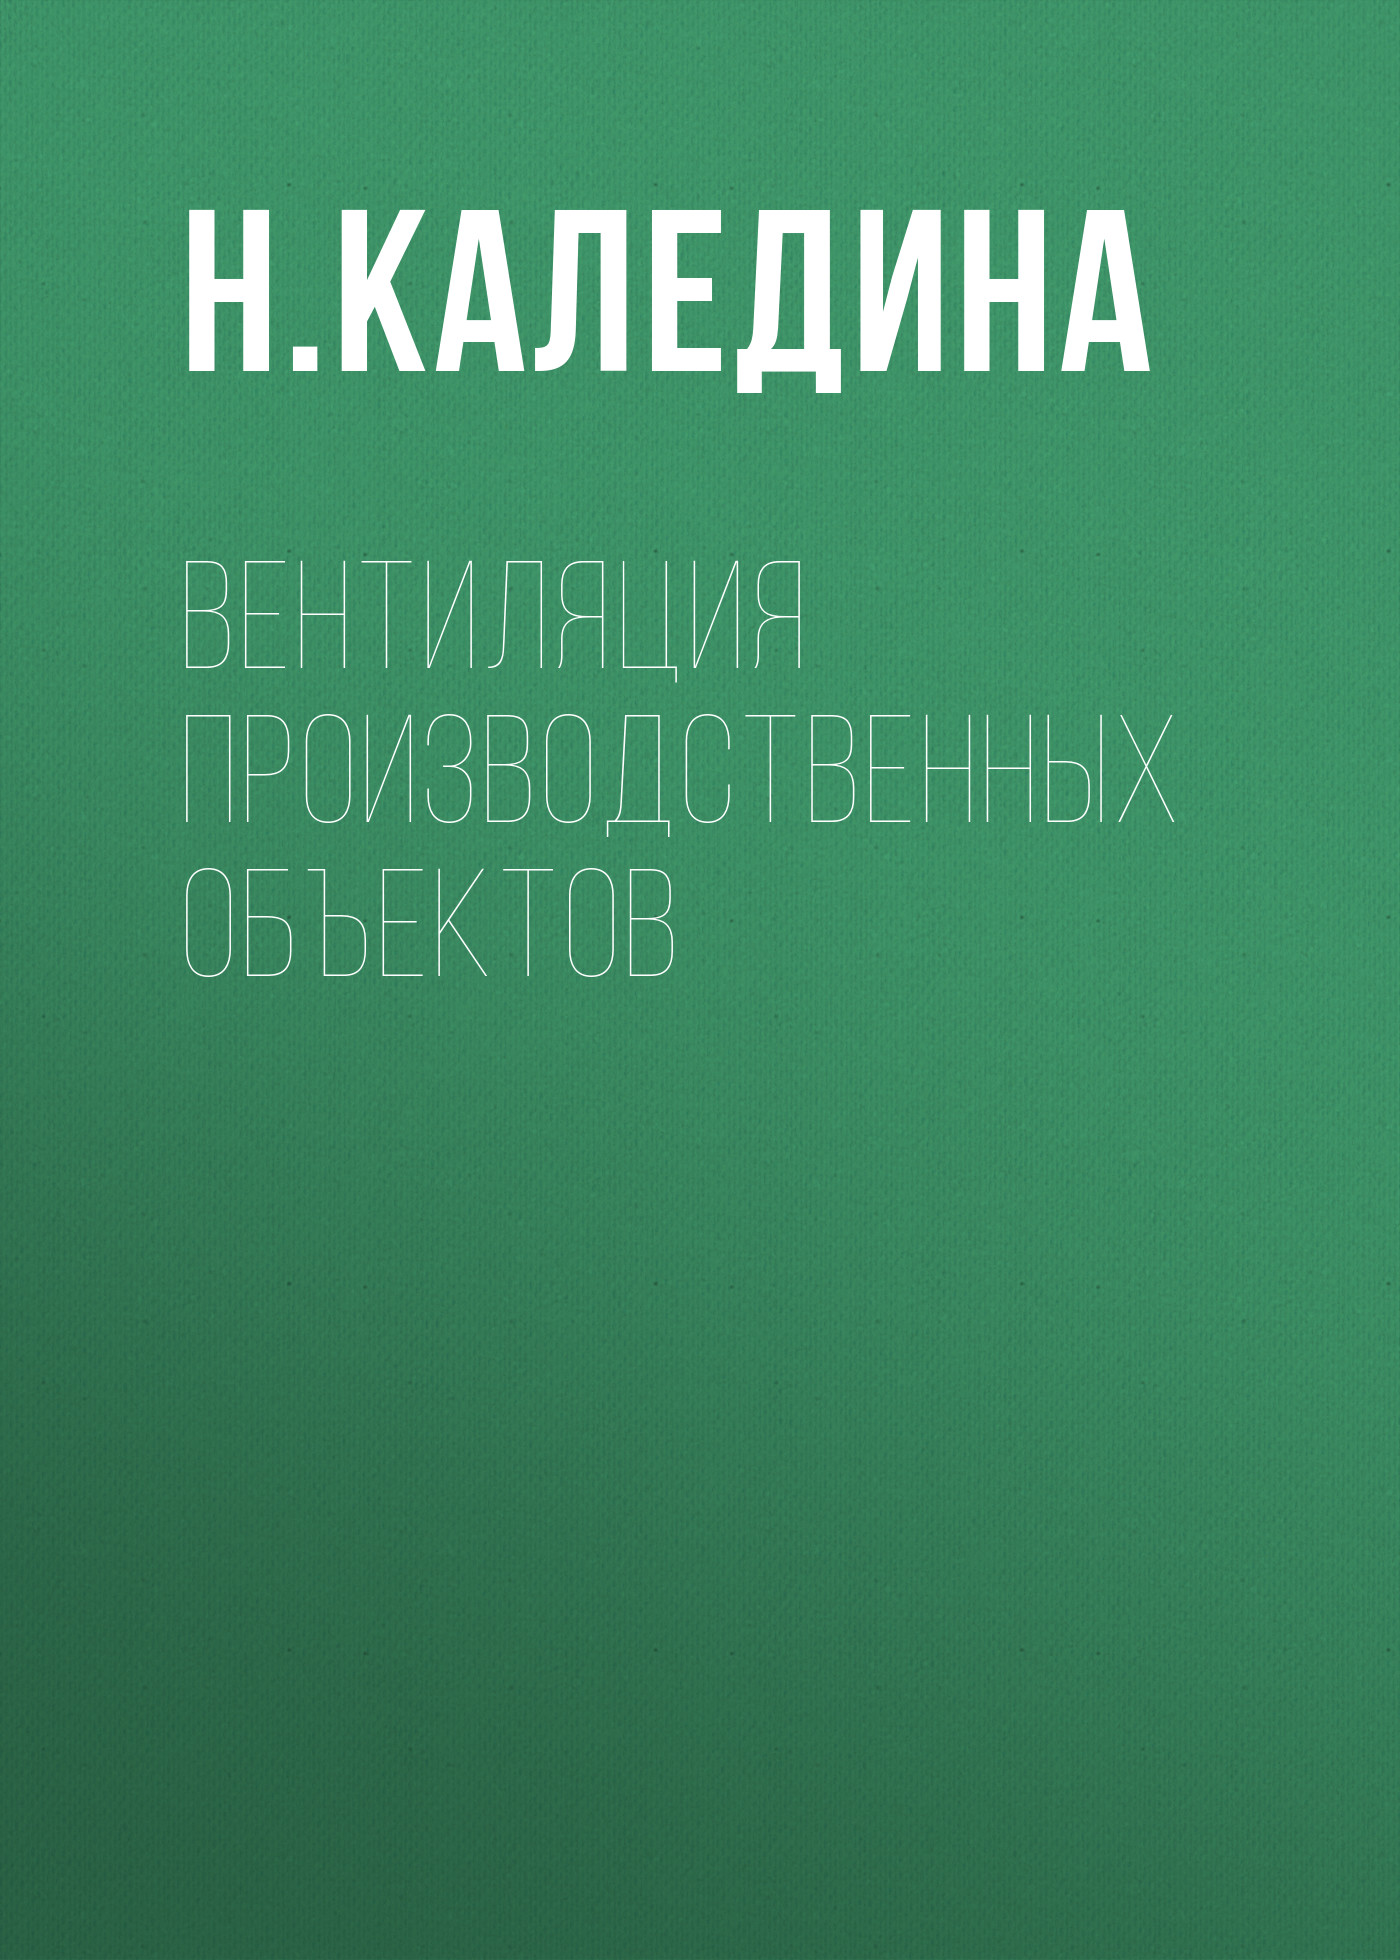 Фото - Н. Каледина Вентиляция производственных объектов вентиляция